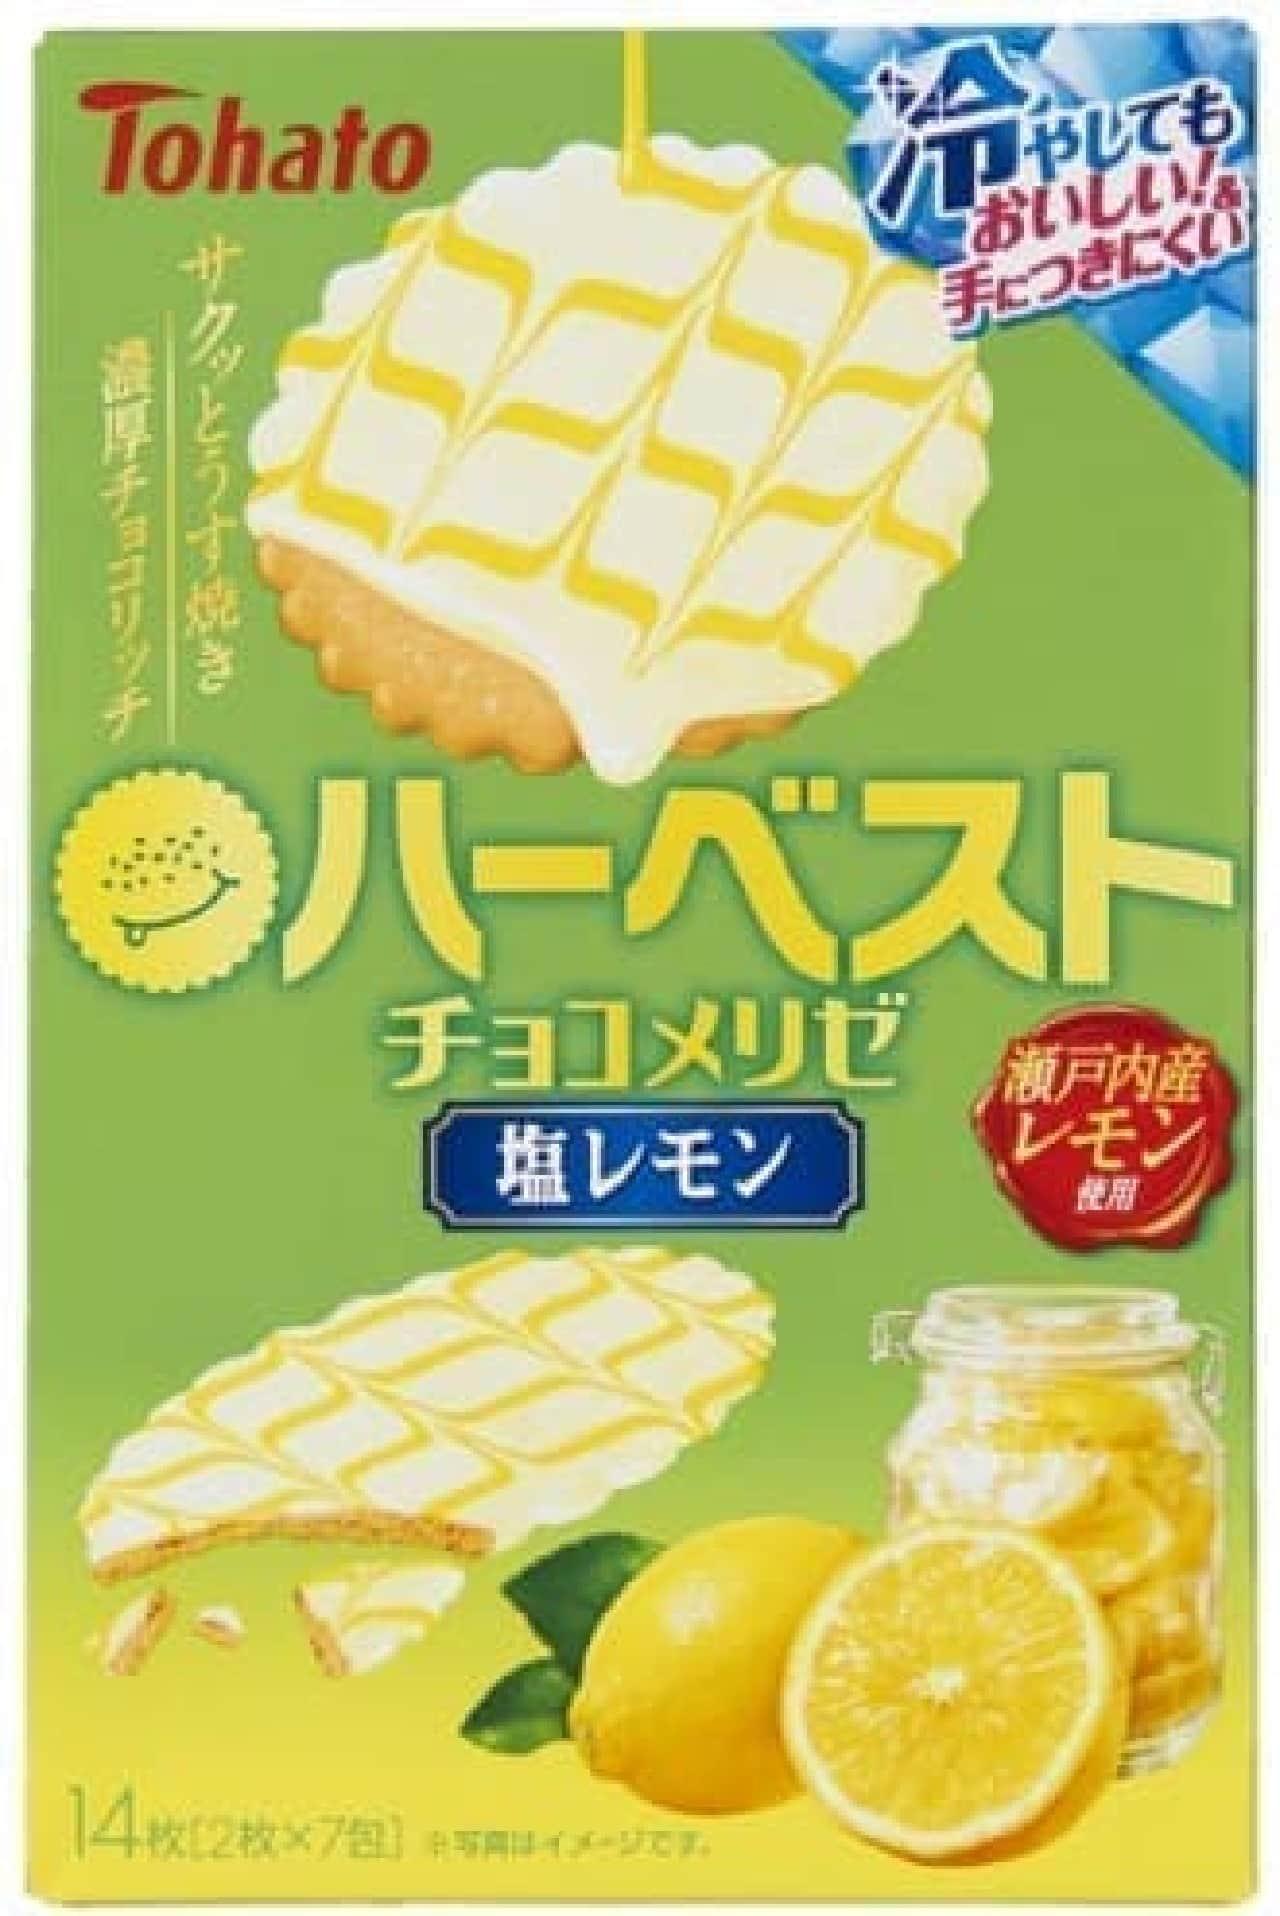 東ハト「ハーベストチョコメリゼ・塩レモン」